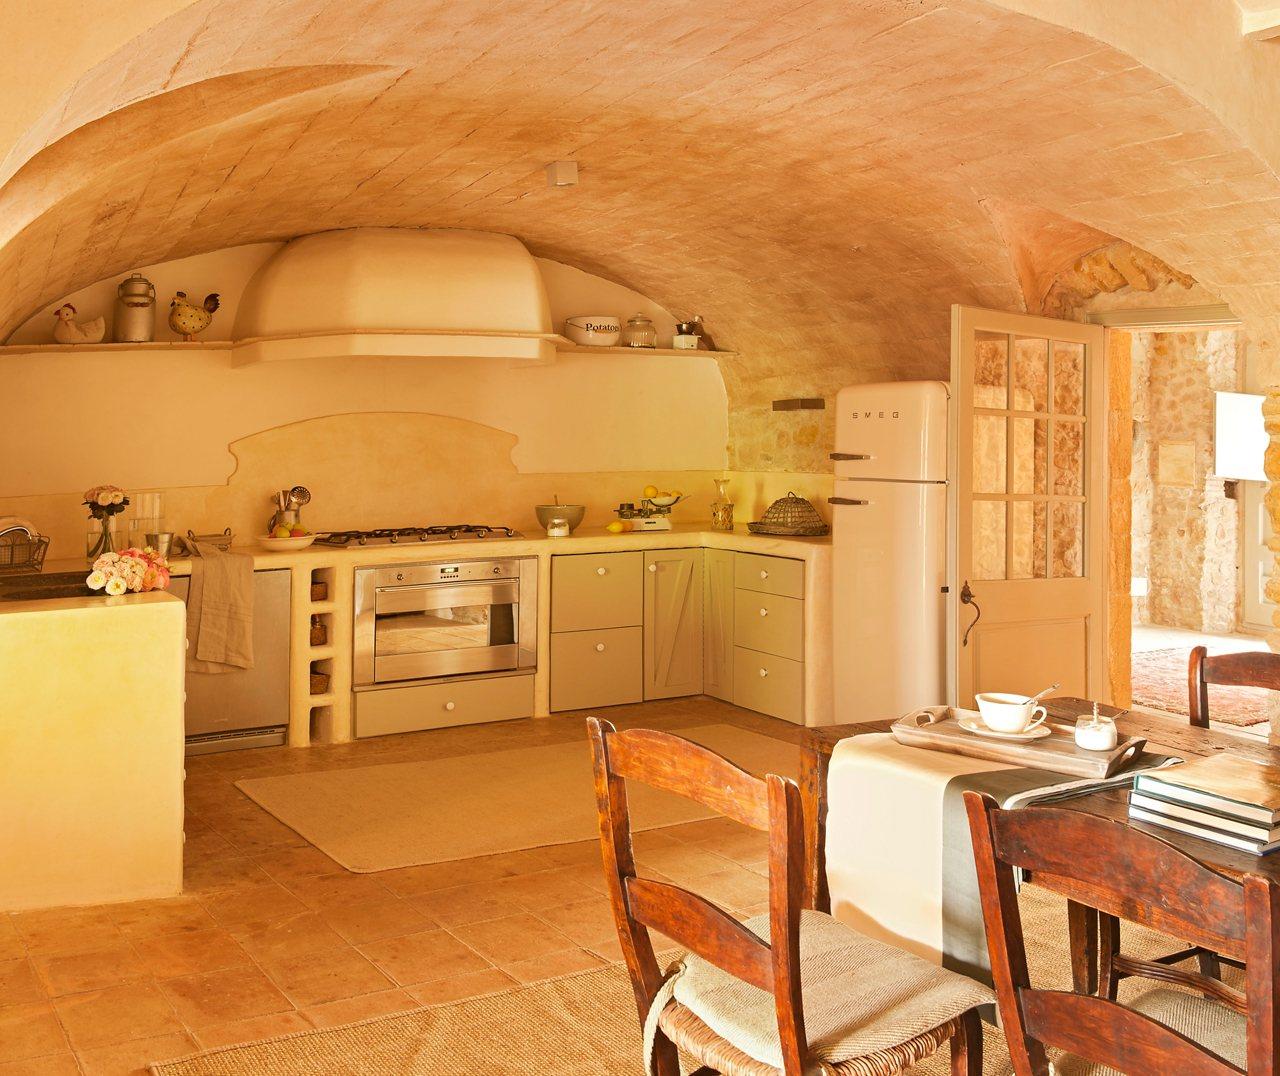 Cocina Rustica Muebles De Cocina Ver Cocinas Rusticas De Obra